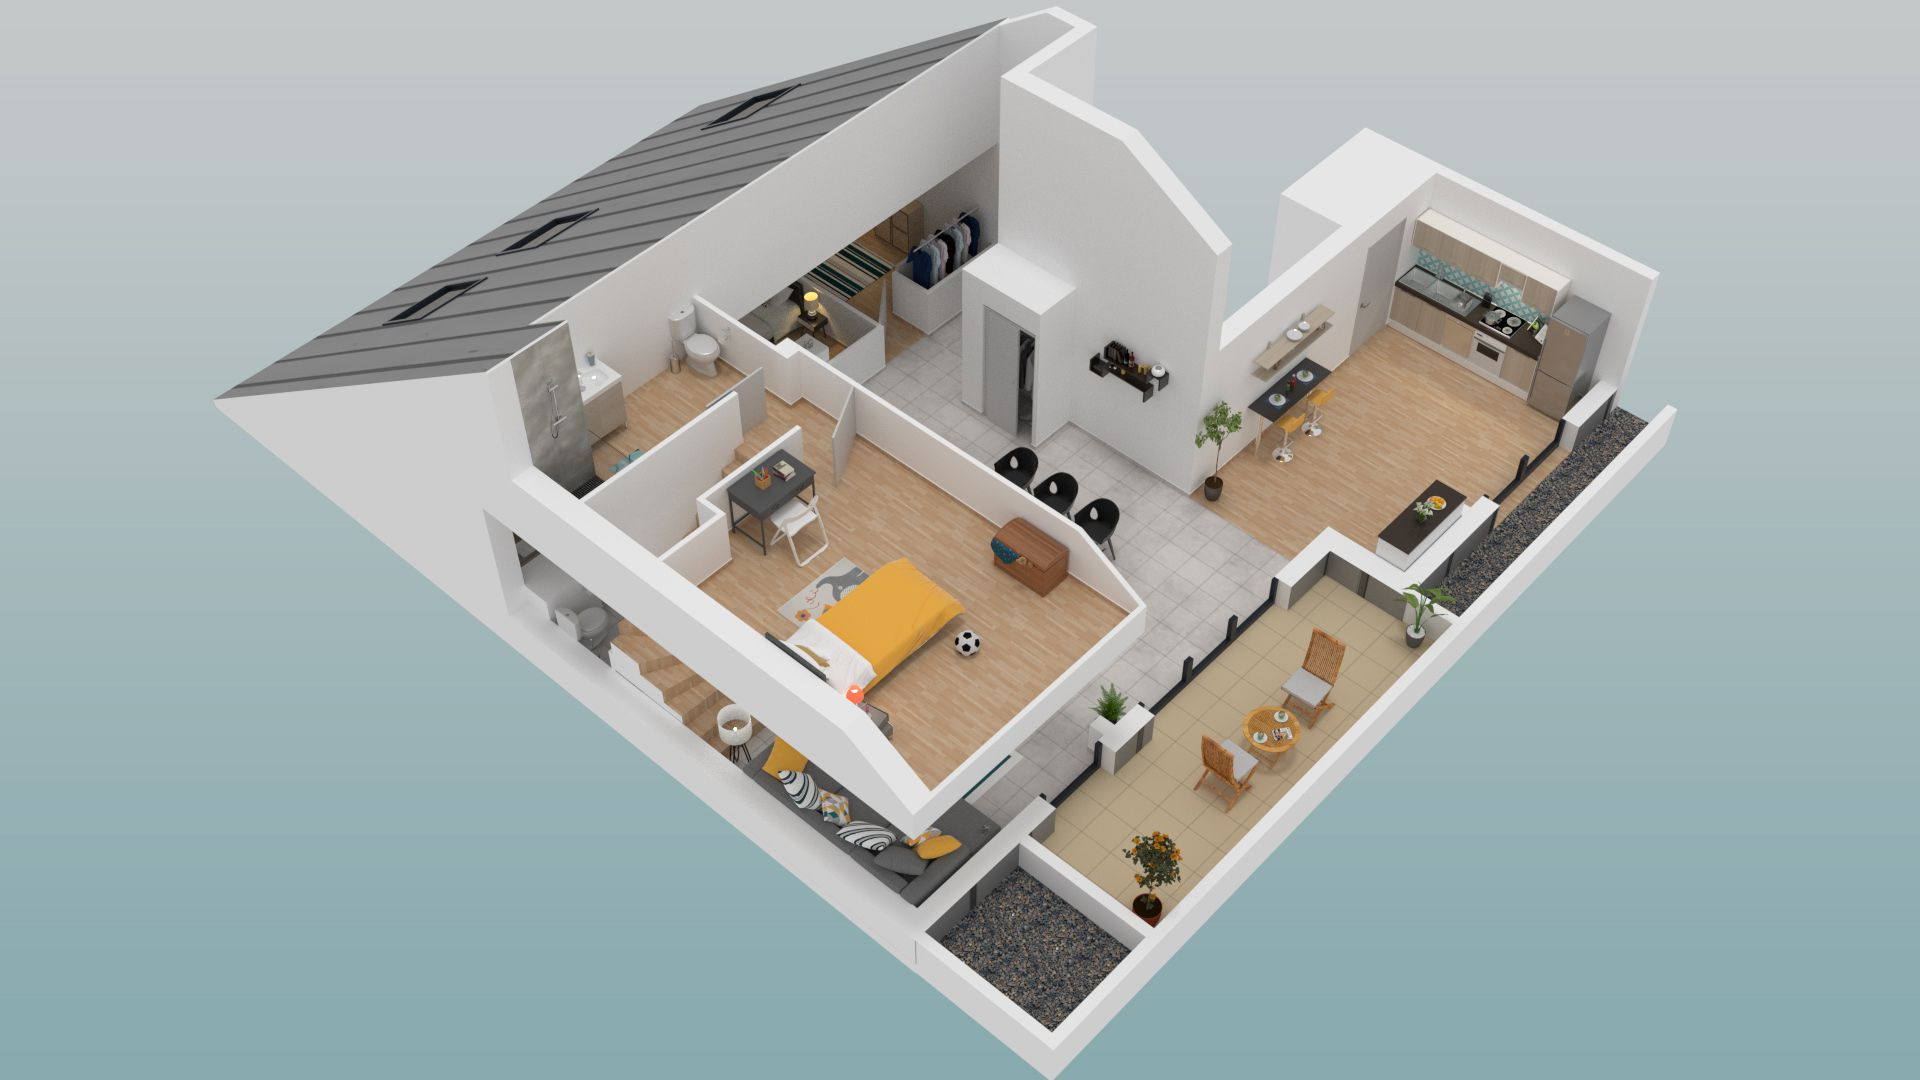 Plan 3d de létage dun appartement duplex 4 pièces de la résidence